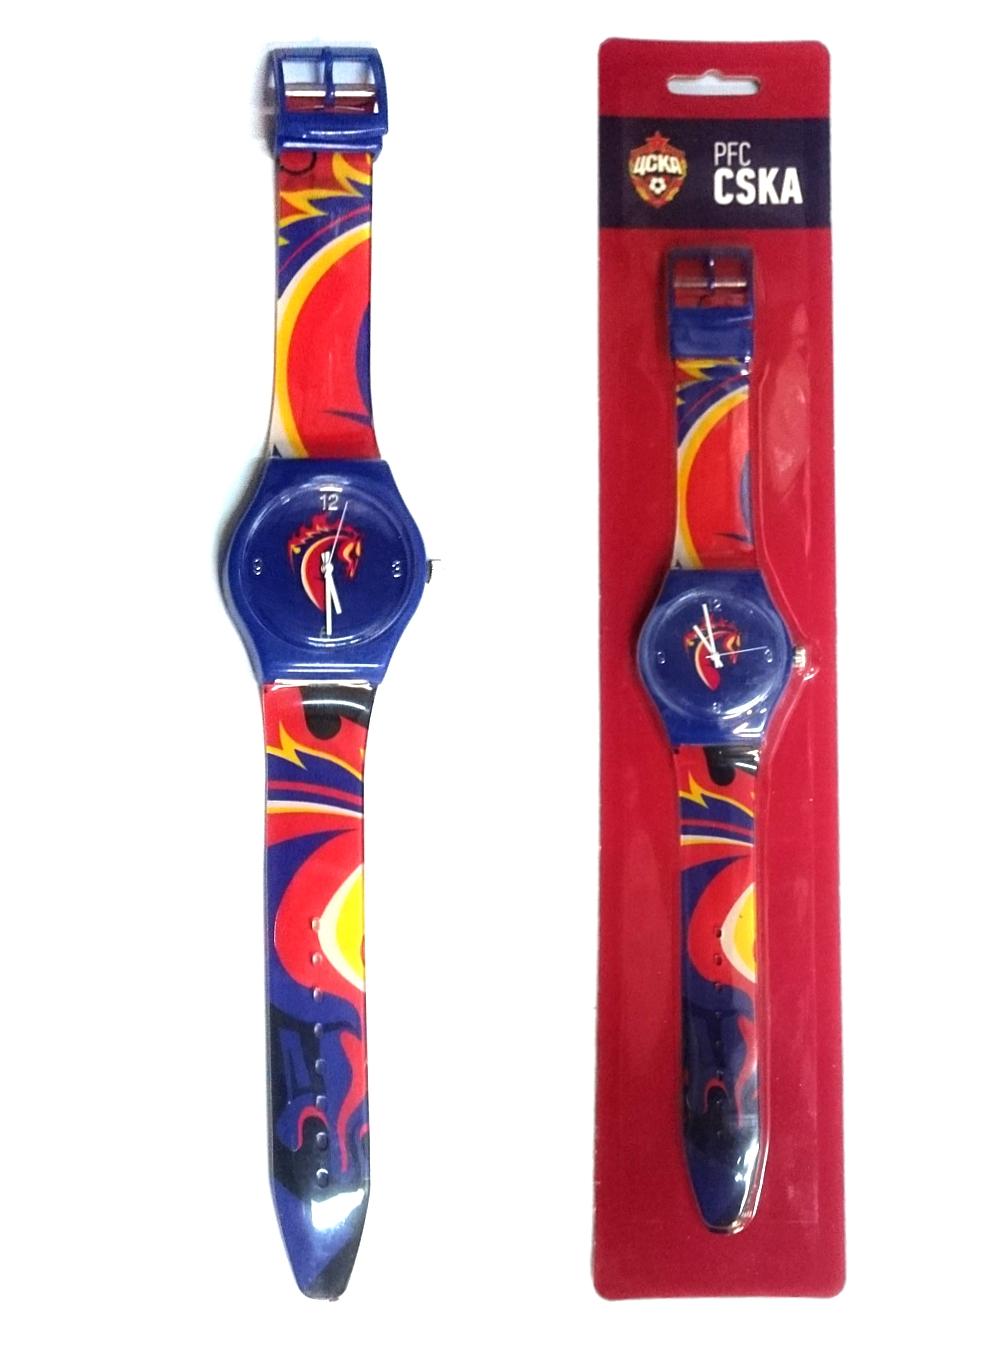 Часы наручные 33мм Талисман, красно-синий ремешокЧасы<br>Часы наручные 33мм Талисман, красно-синий ремешок<br>